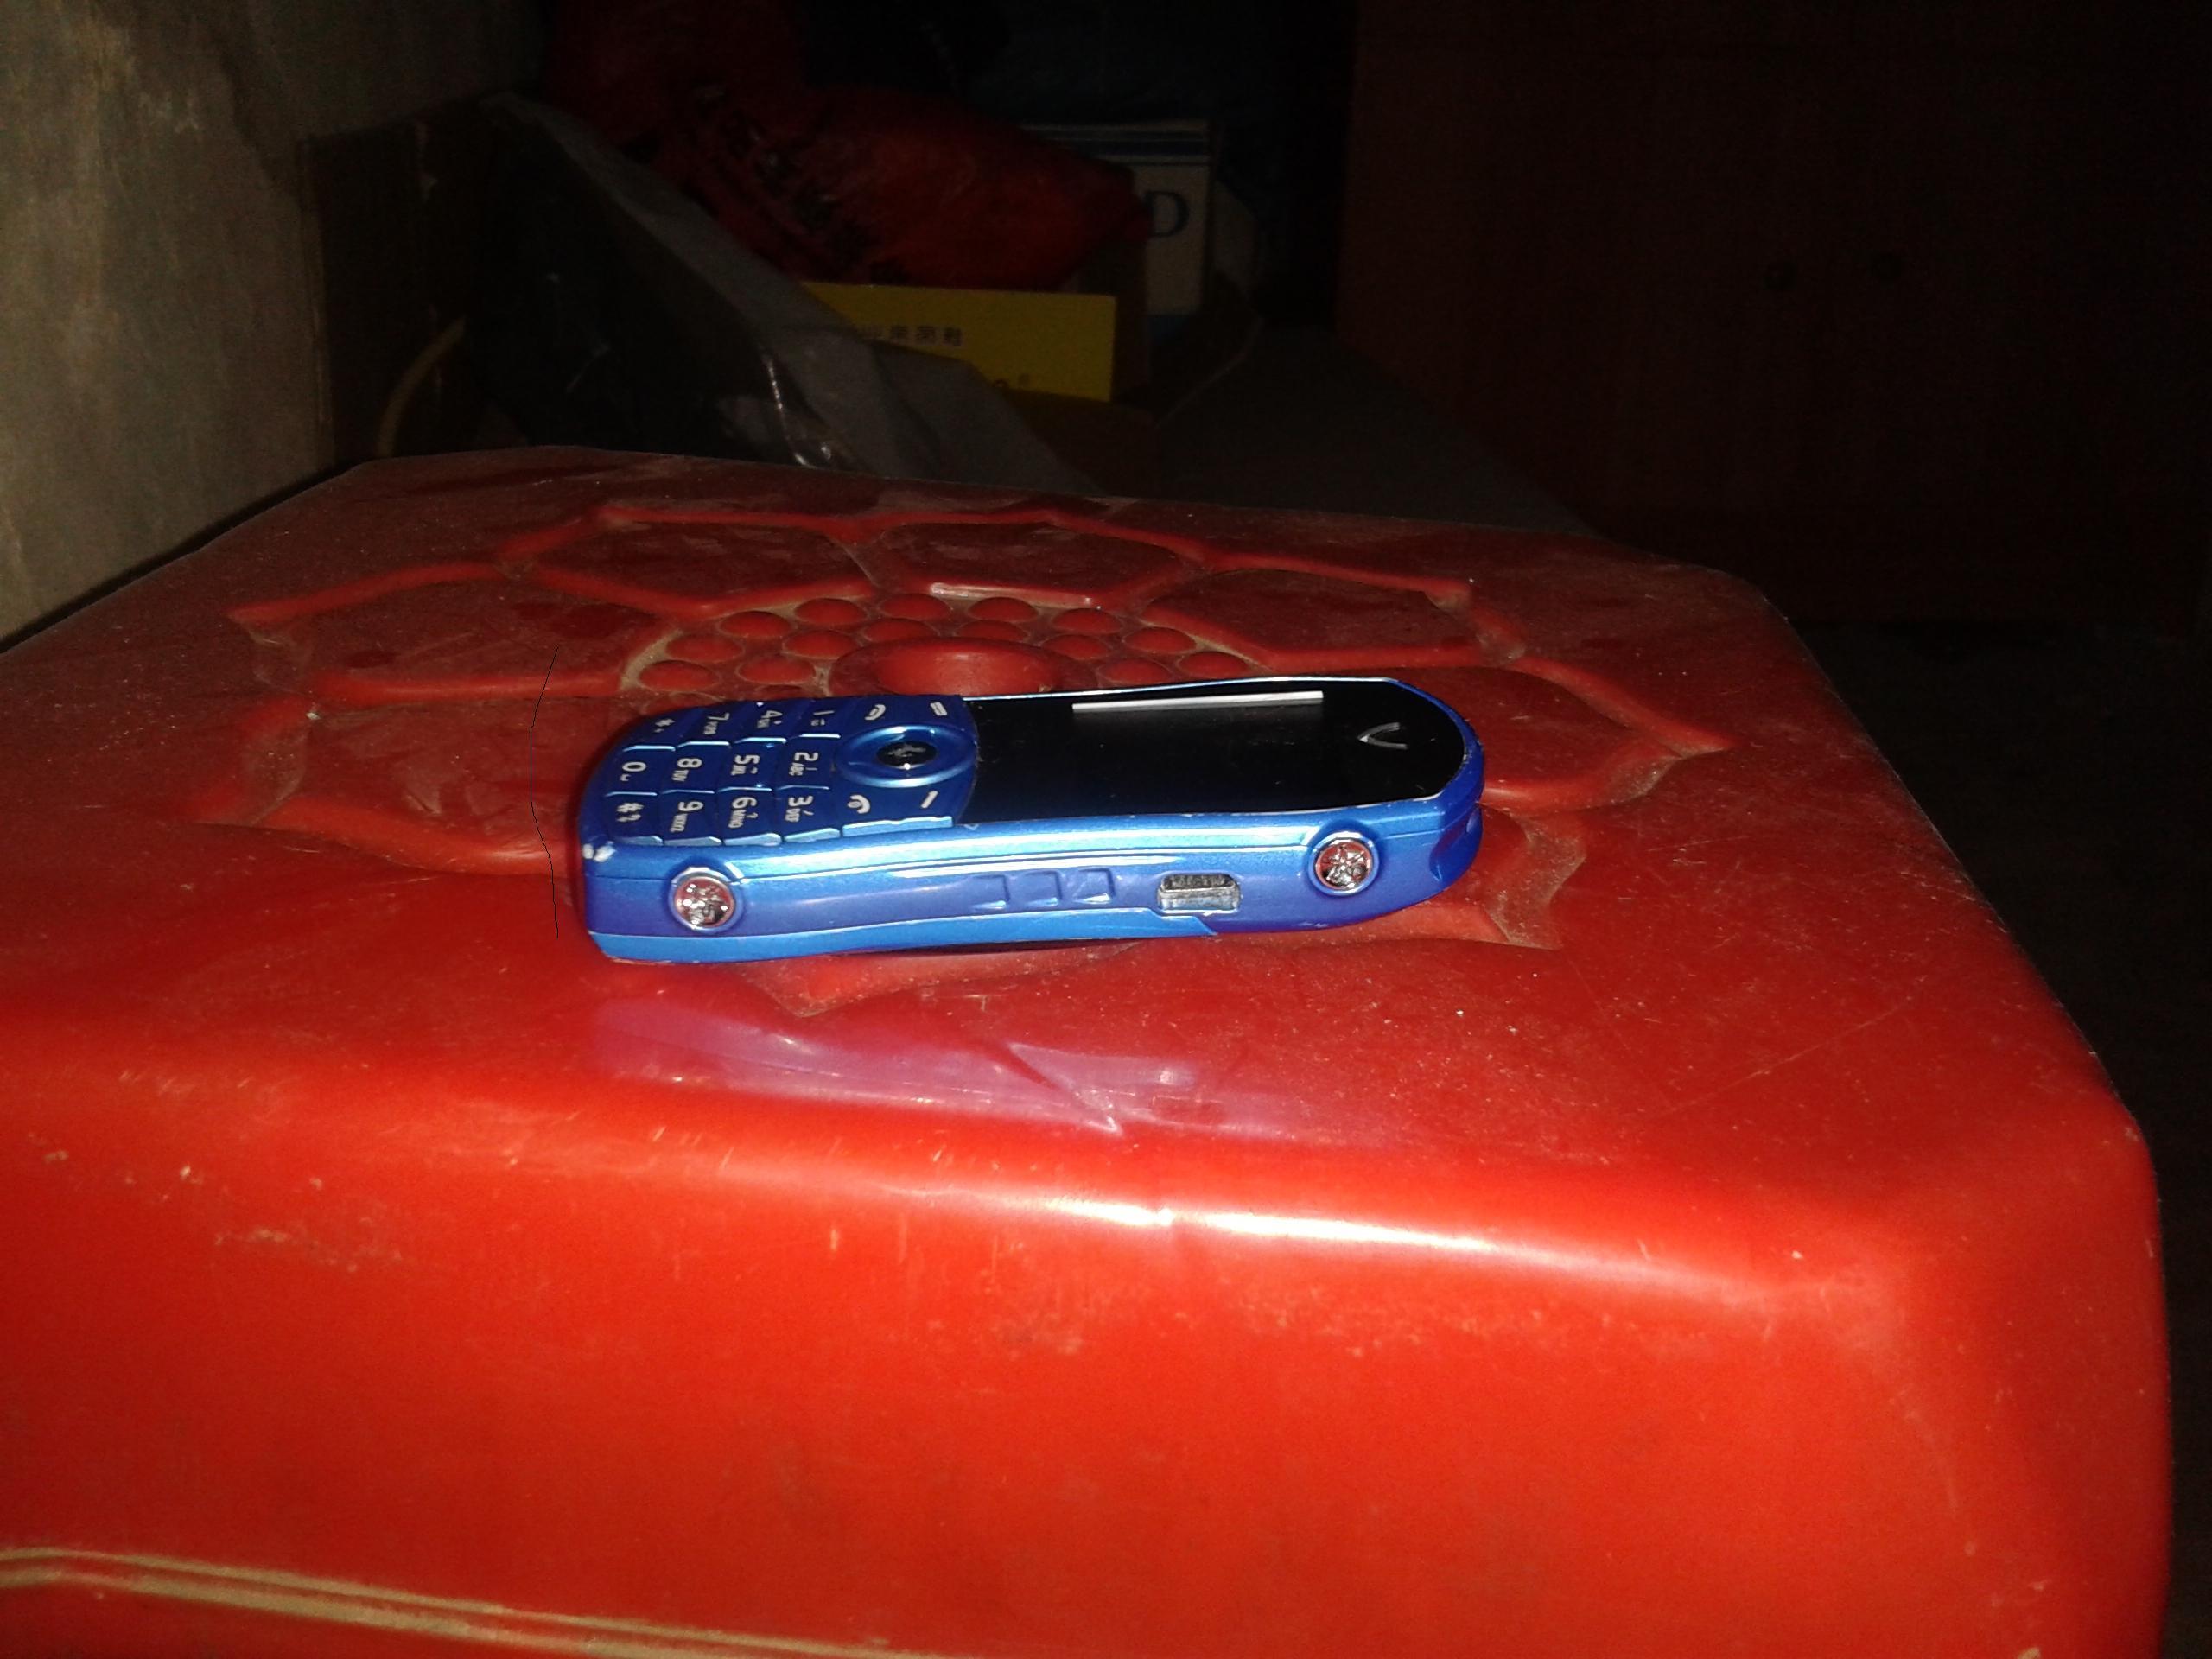 出售迷你型小汽车手机 电脑 数码产品高清图片